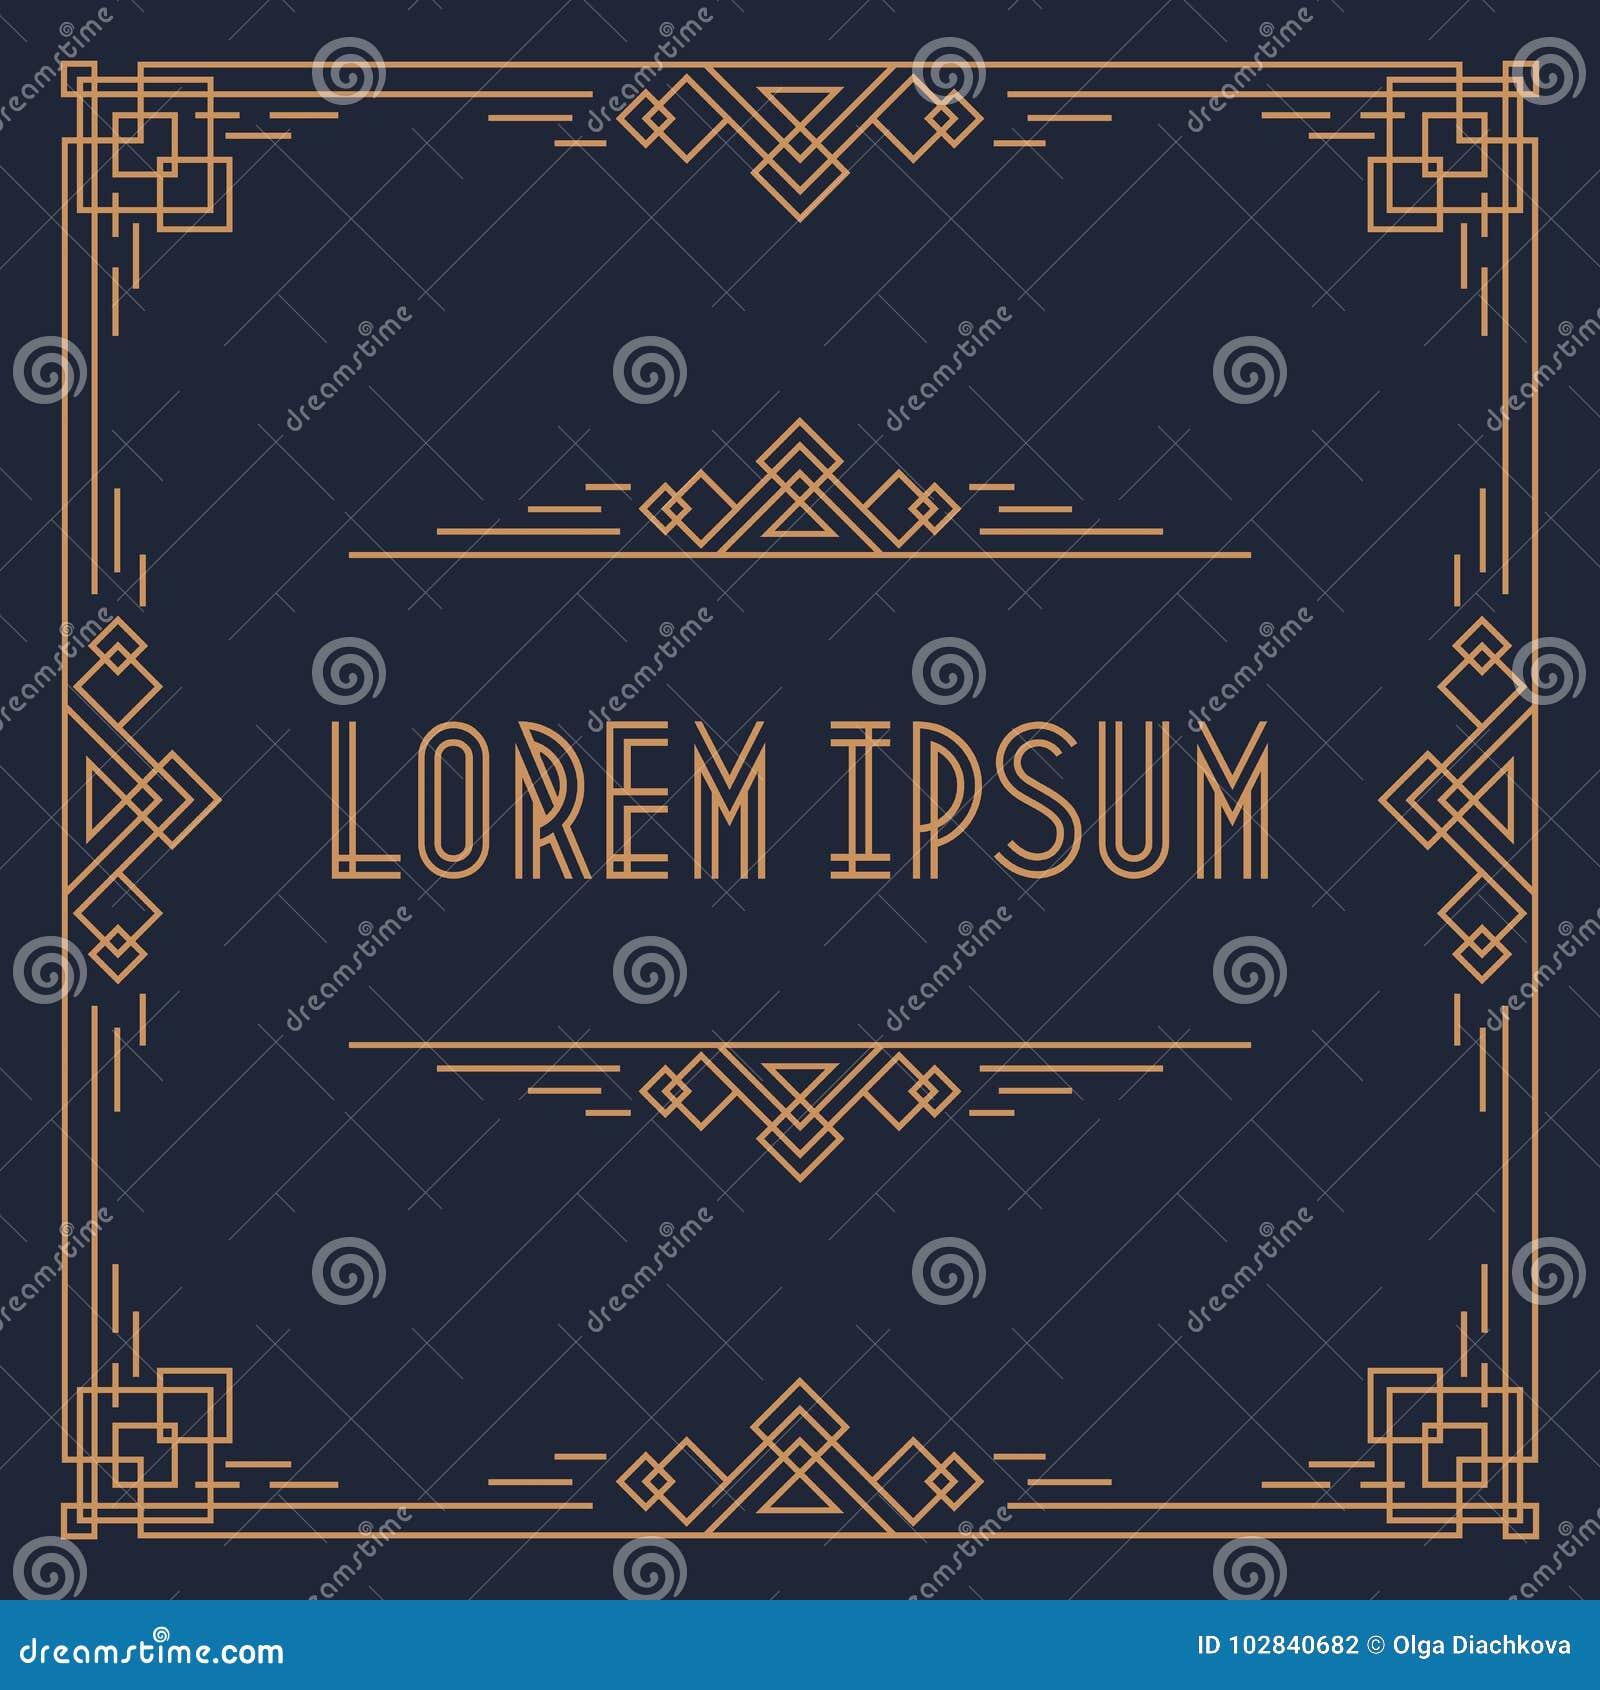 与金框架的贺卡模板盖子设计正方形形状几何艺术装饰样式